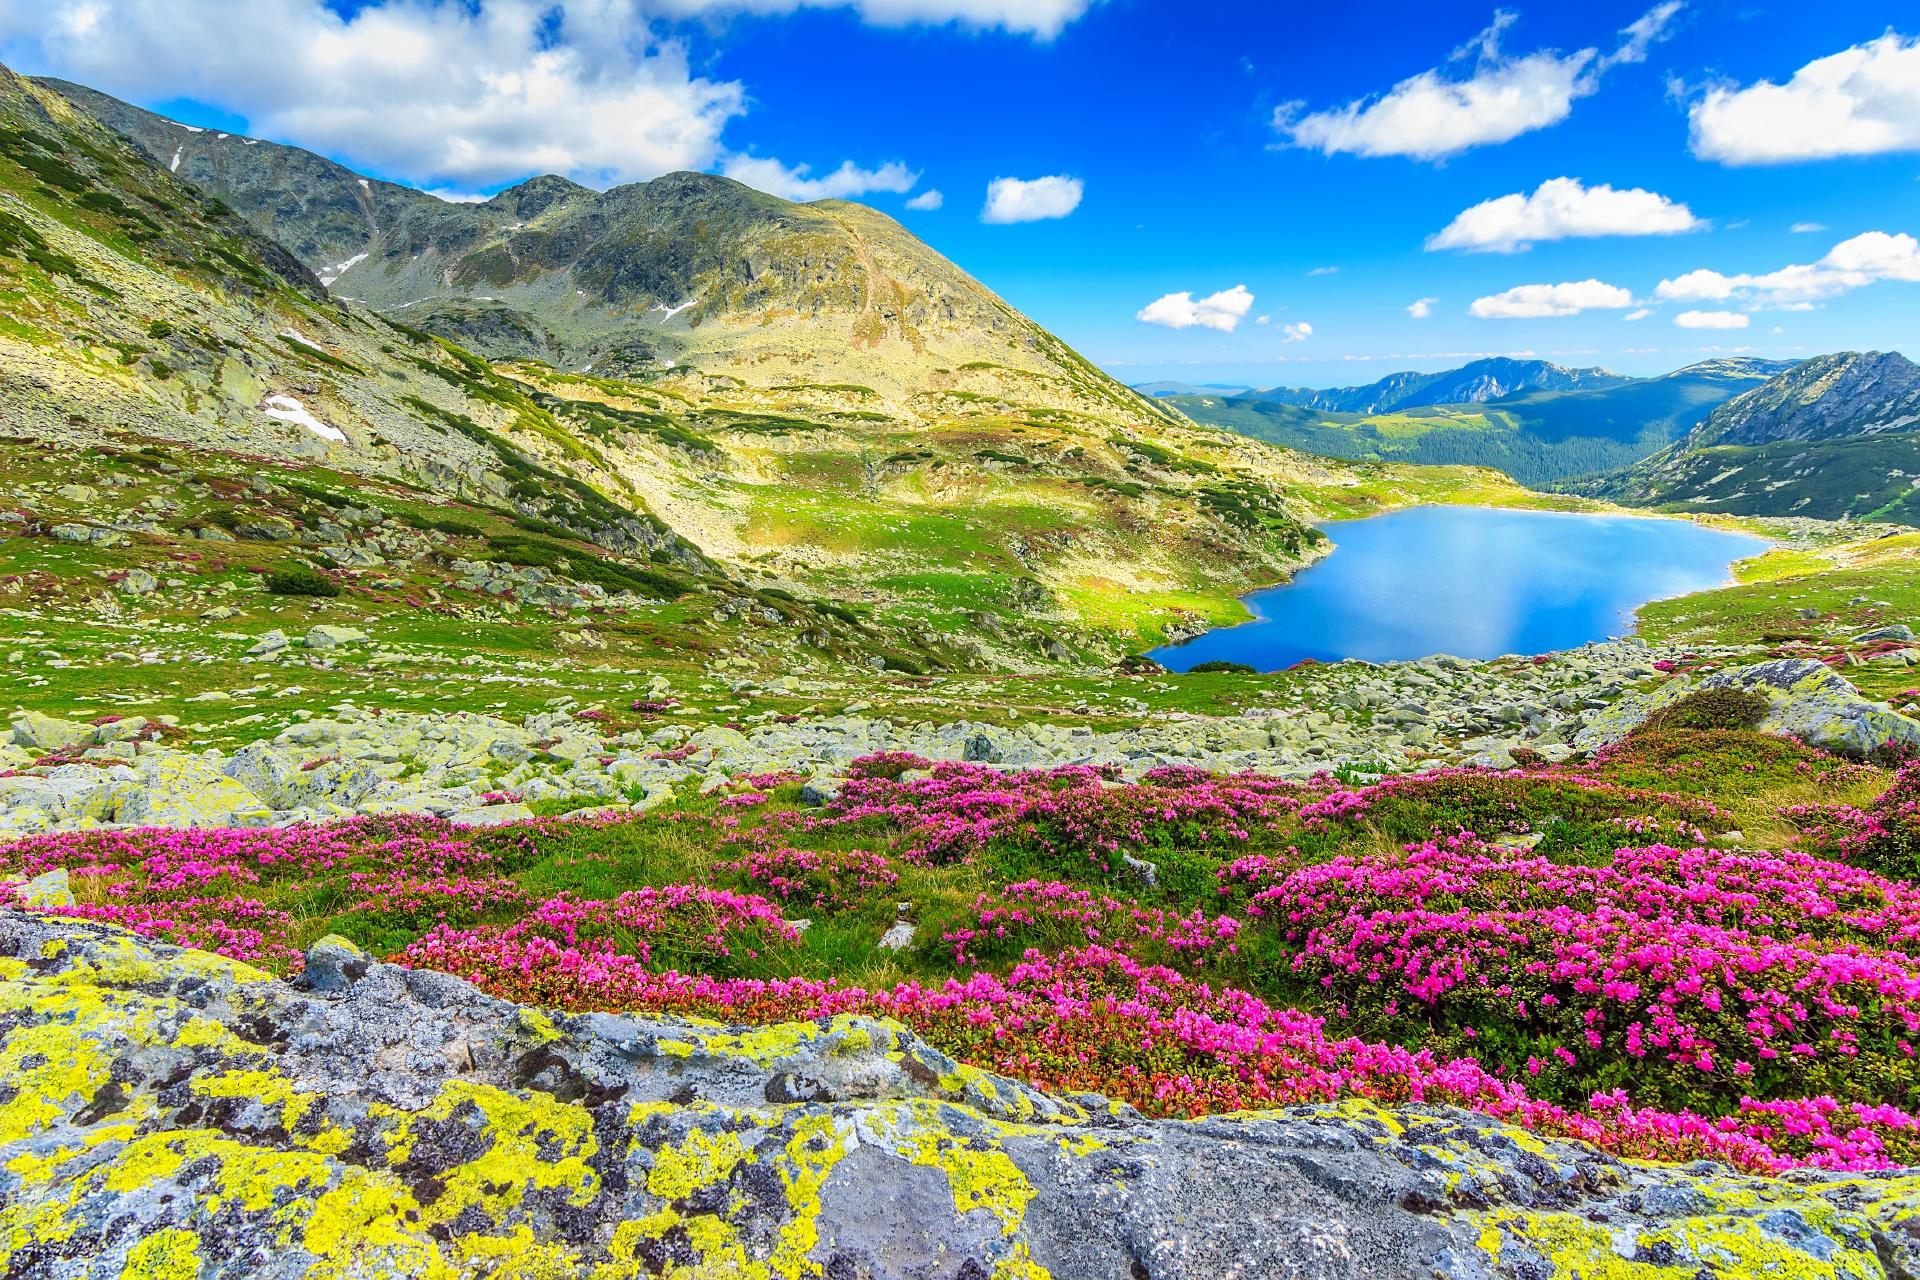 花々と氷河湖 カルパティア山脈の風景 ルーマニアの風景